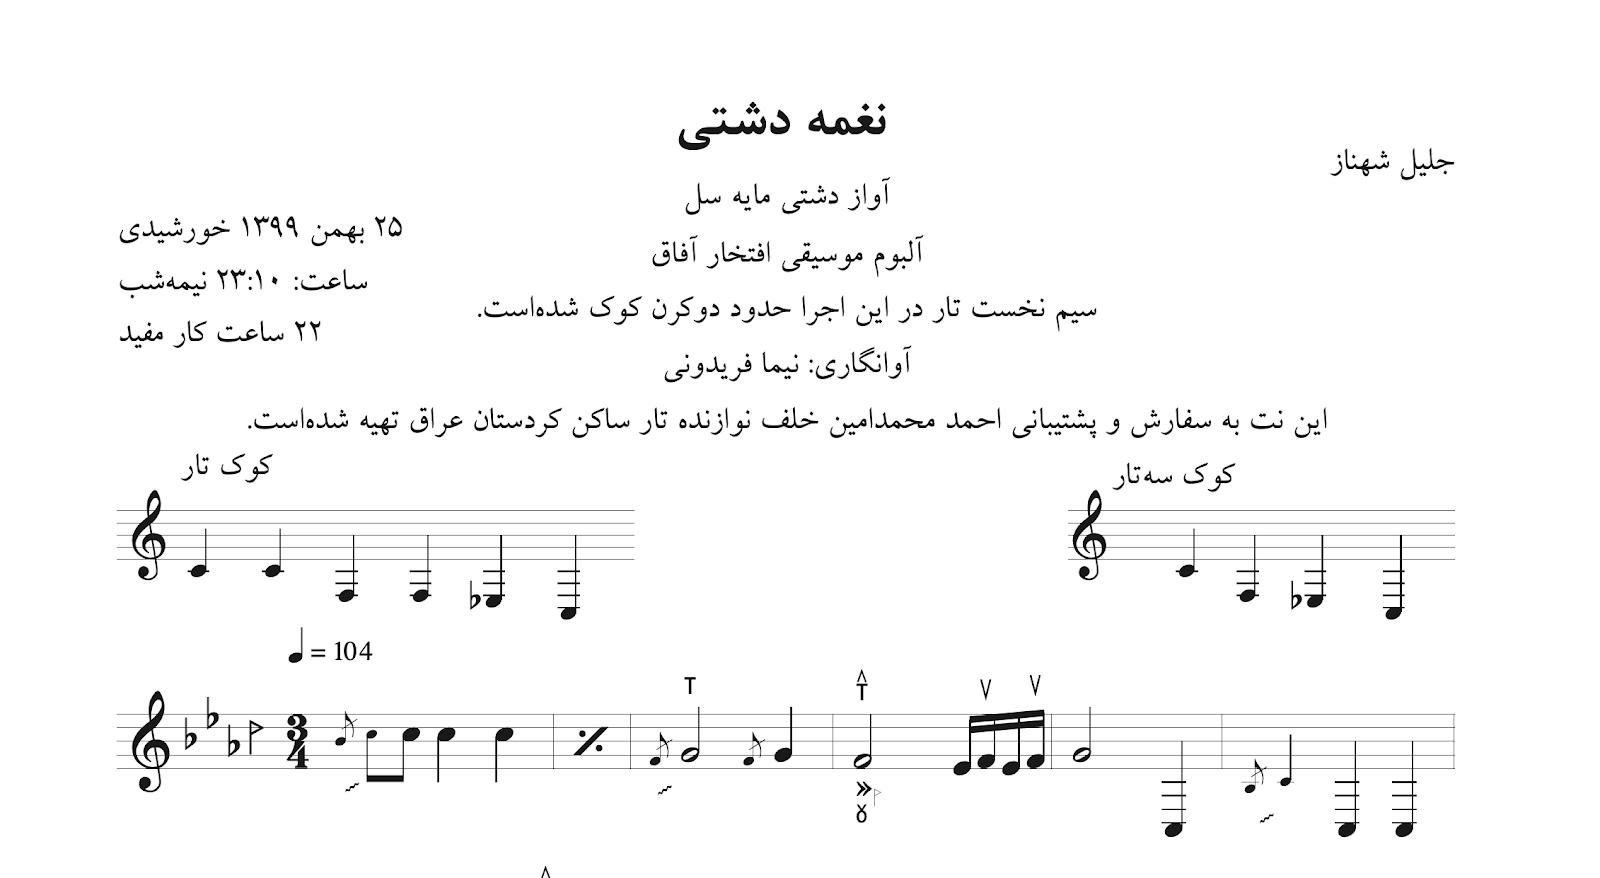 نت نغمه دشتی آلبوم افتخار آفاق جلیل شهناز آوانگاری نیما فریدونی